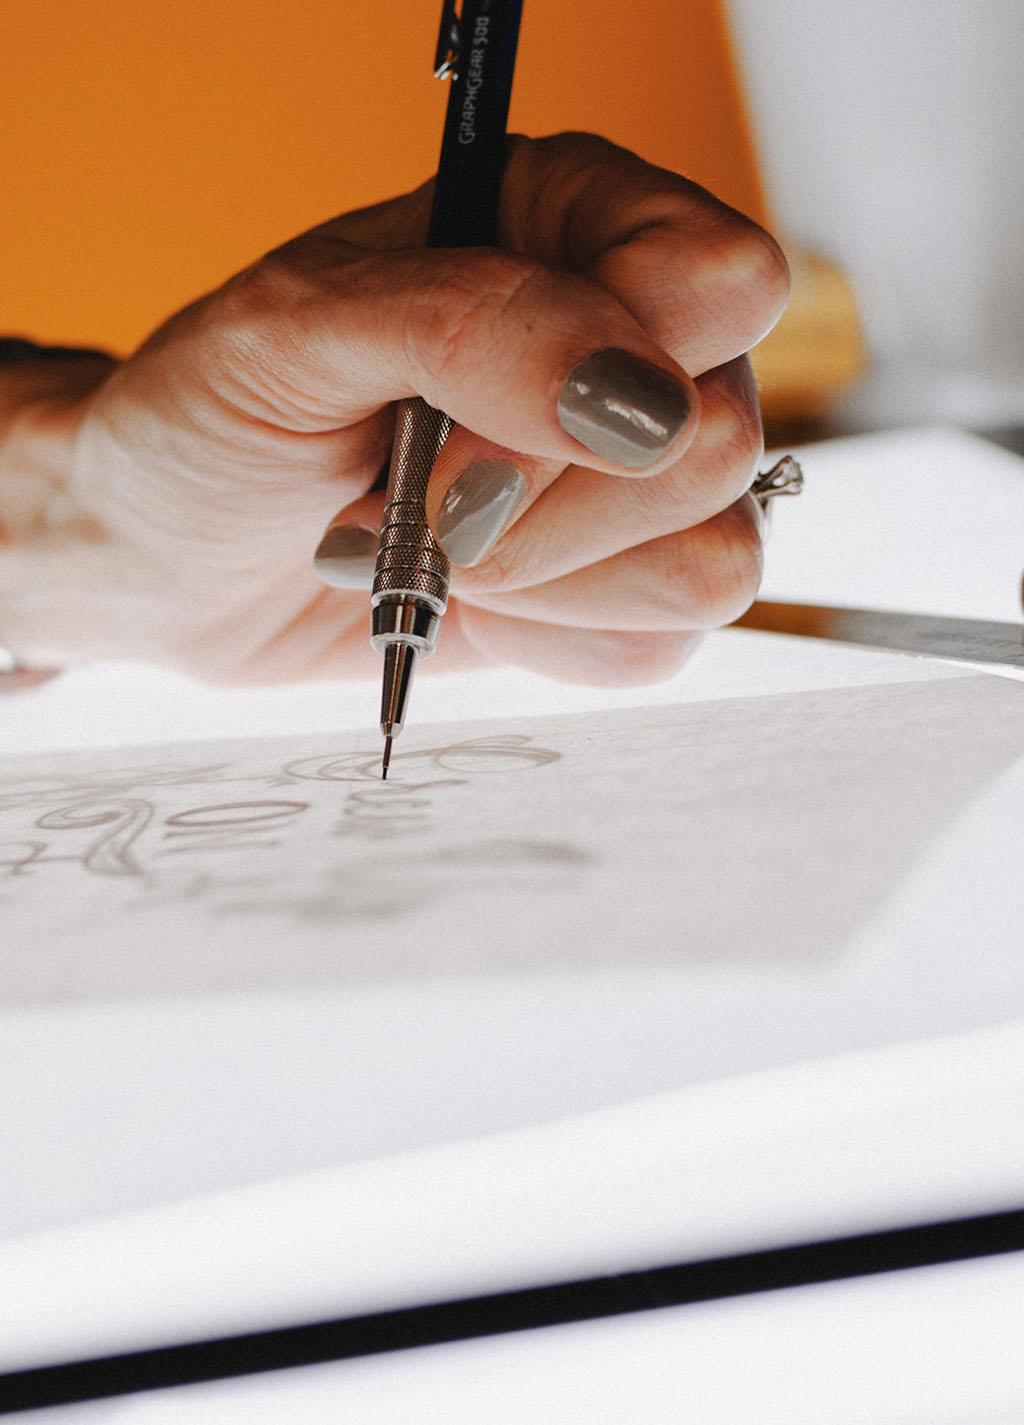 Hand, die mit einem Bleistift auf einem Leuchttisch zeichnet